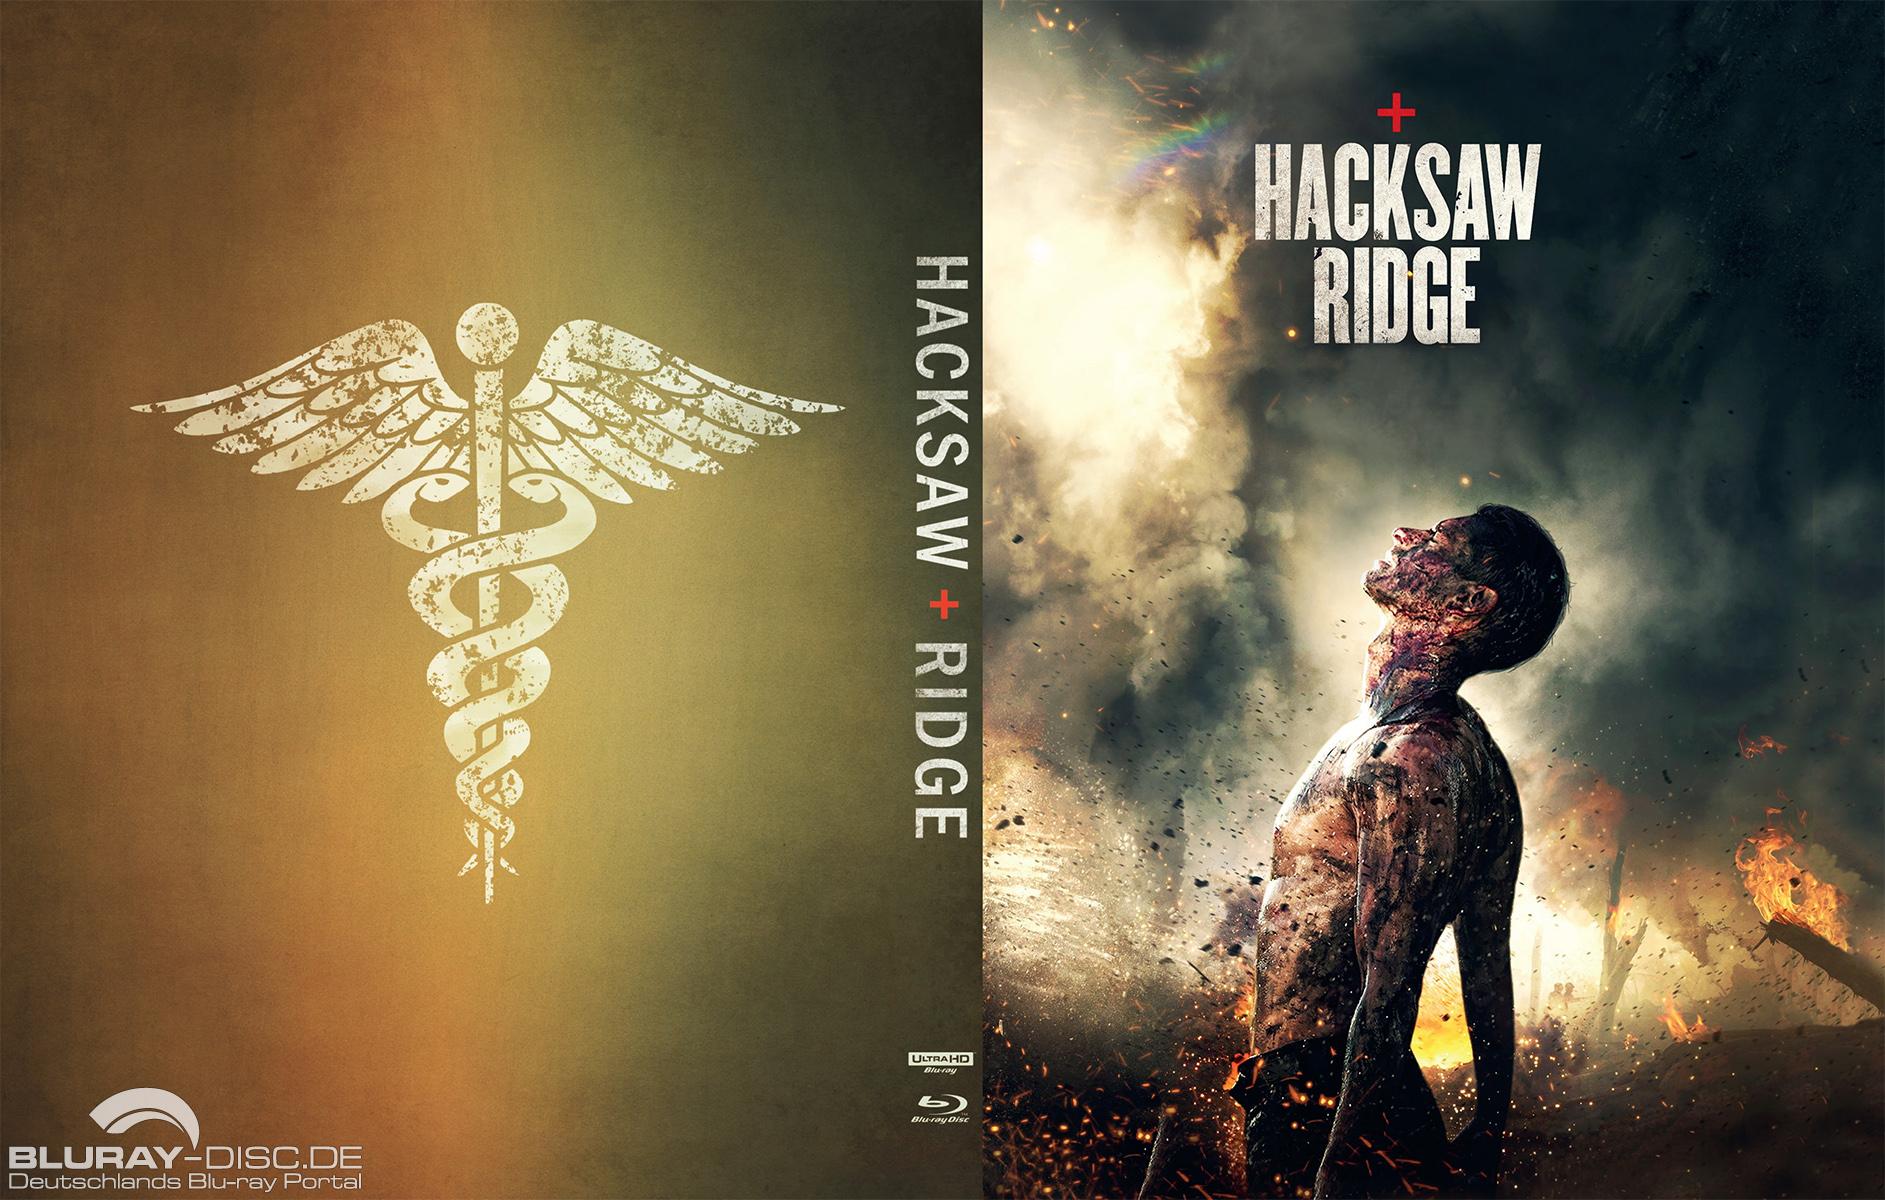 Hacksaw_Ridge_Galerie_4K_Mediabook_Cover_C_02.jpg